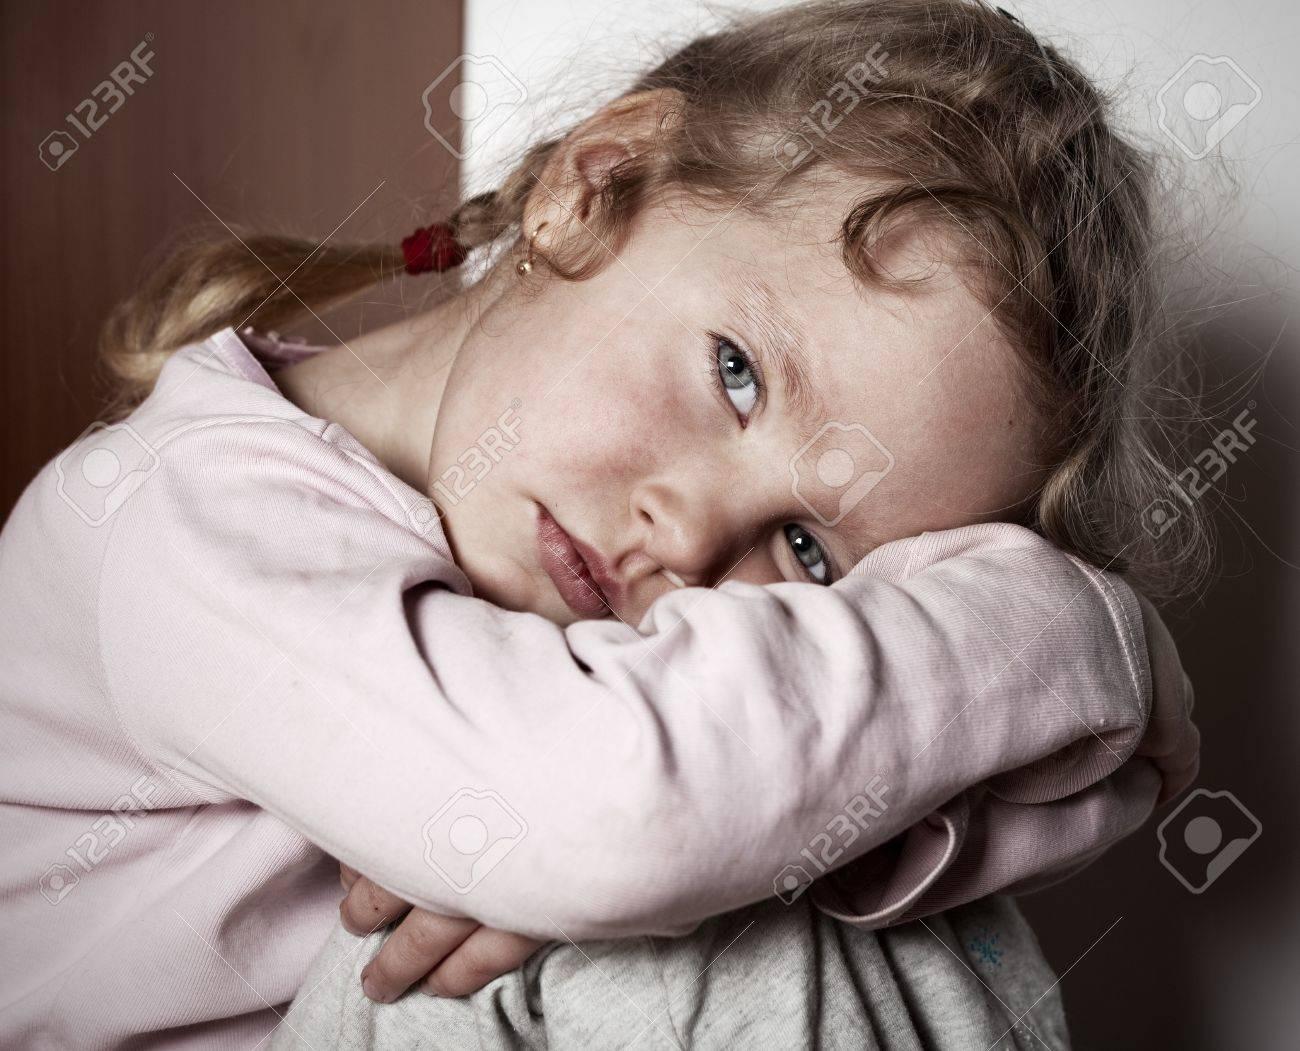 Фото маленькая девочка в сперме фото 16 фотография